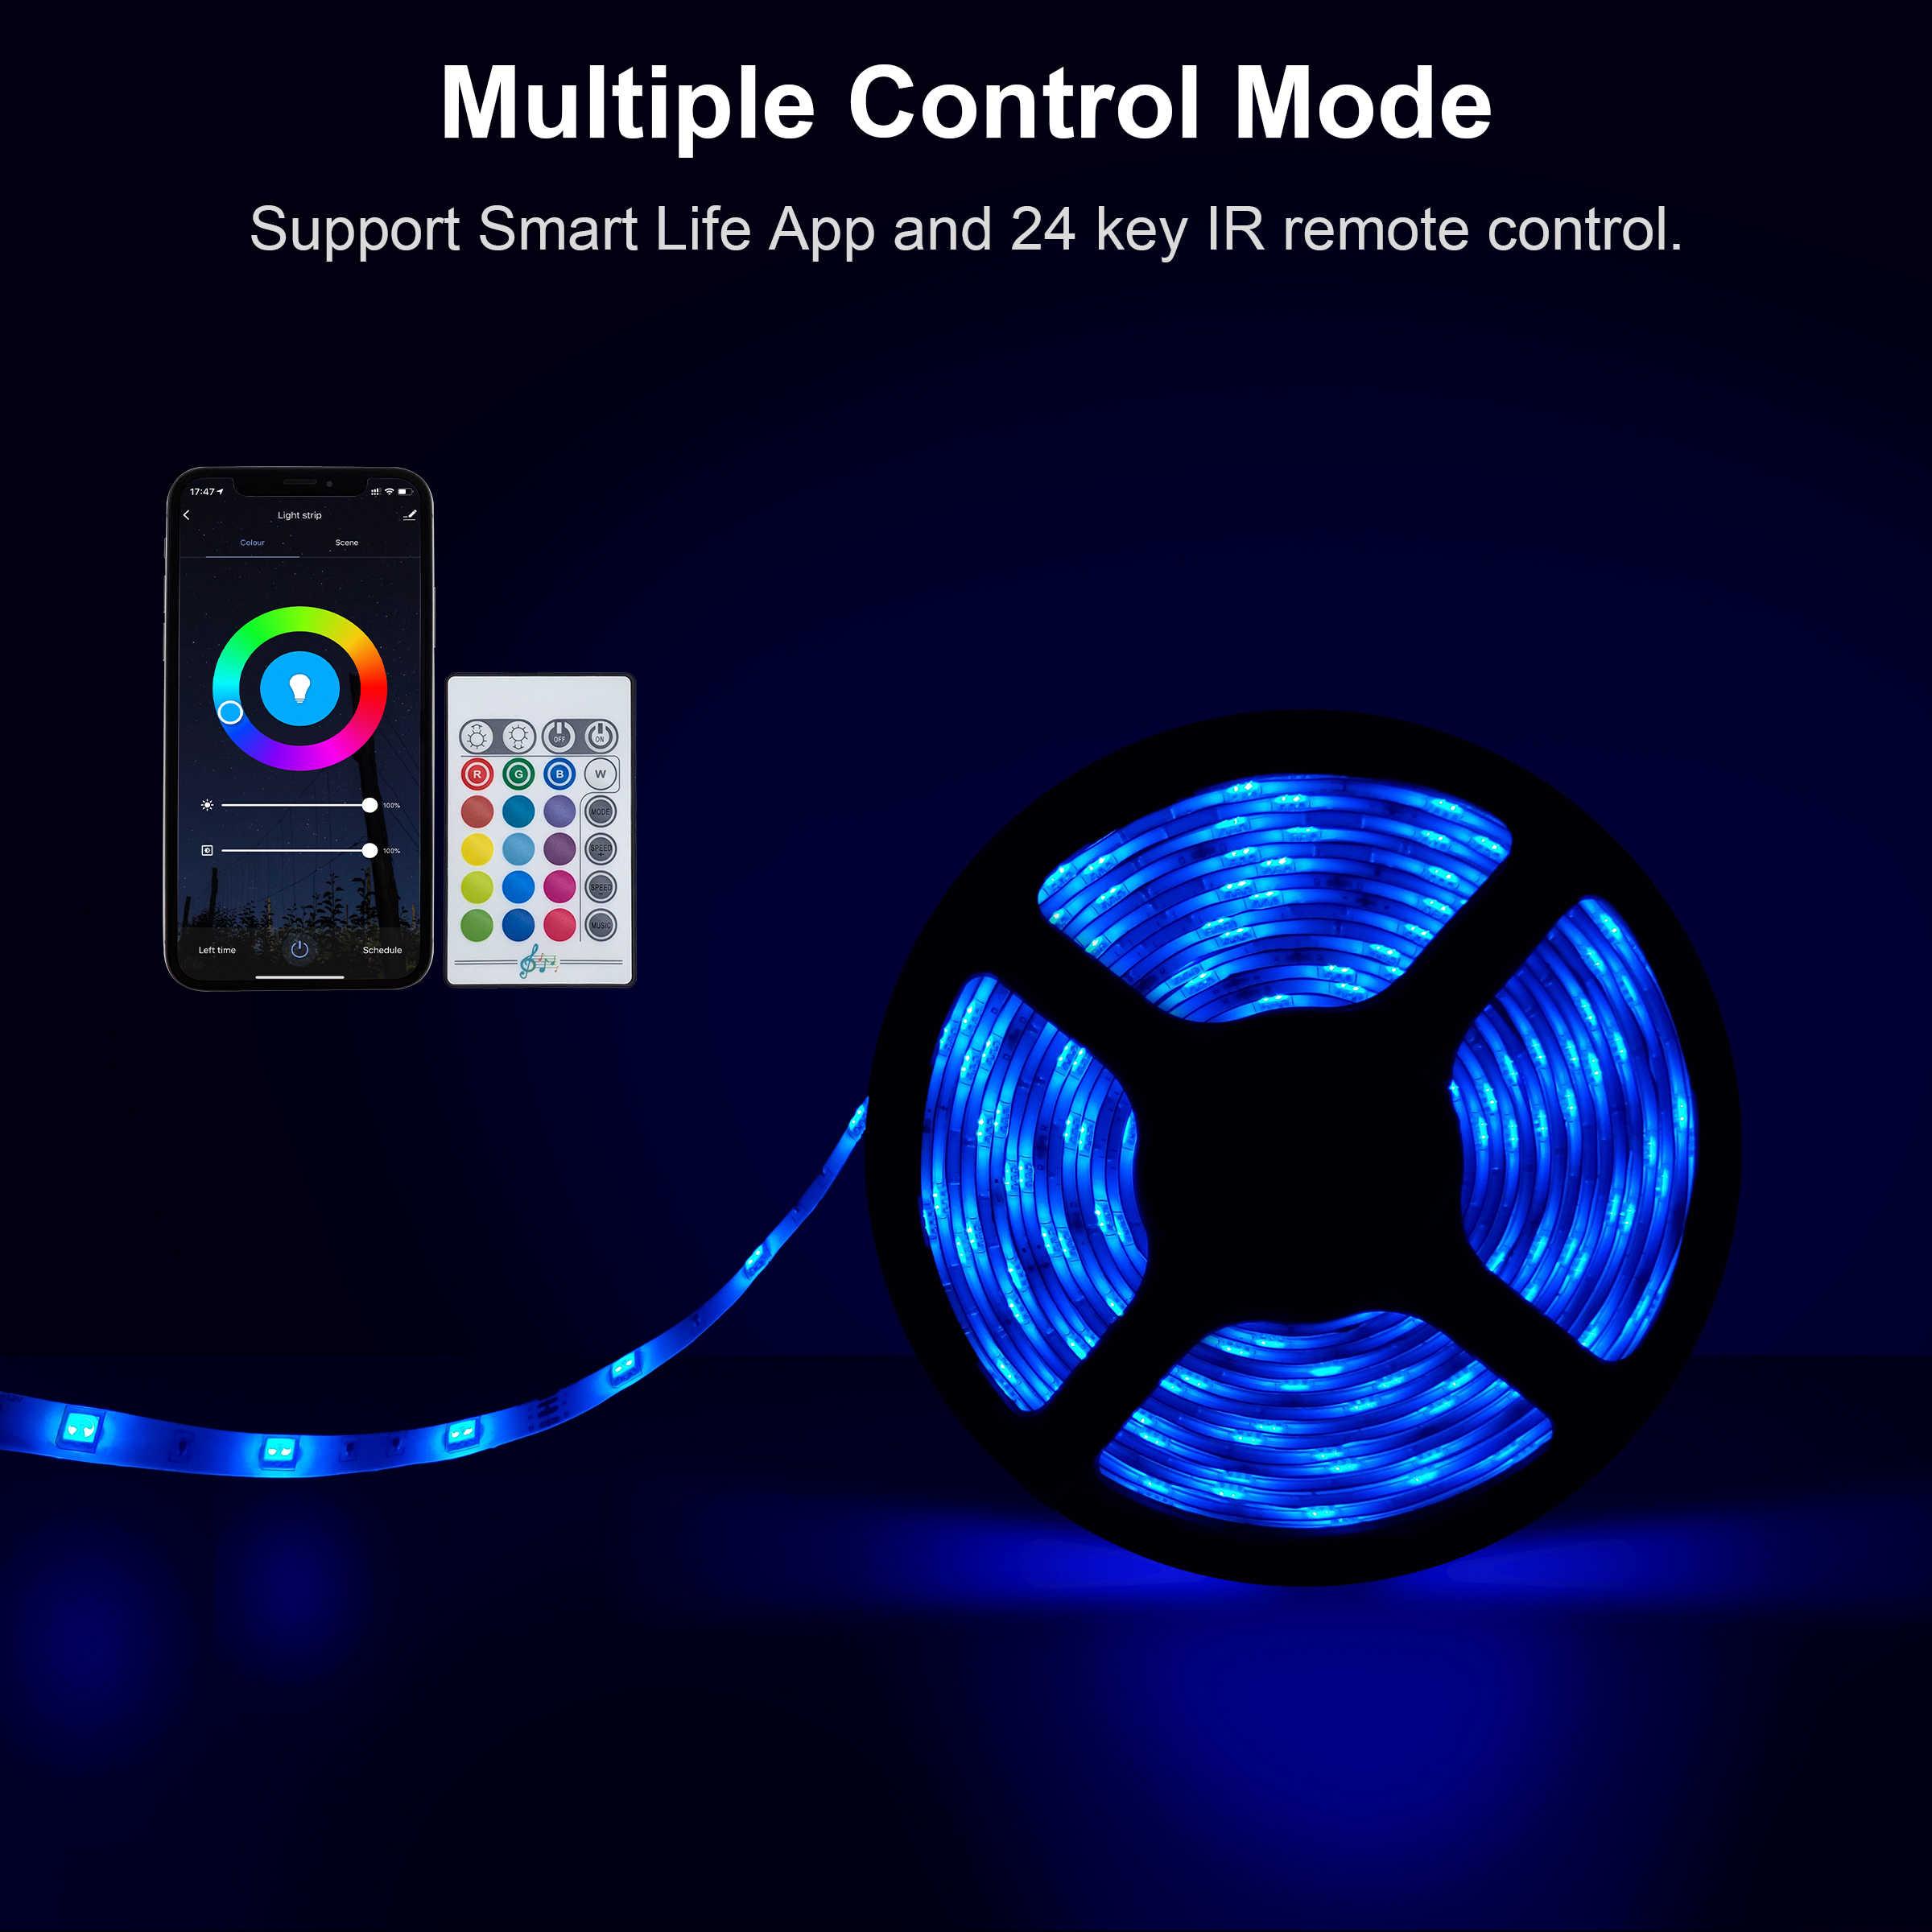 חכם LED רצועת אורות 5050 RGB ניתן לעמעום Wifi אור רצועת 2M 5M 10M Tuya App בקרת IP65 עמיד למים תמיכת Alexa Google בית